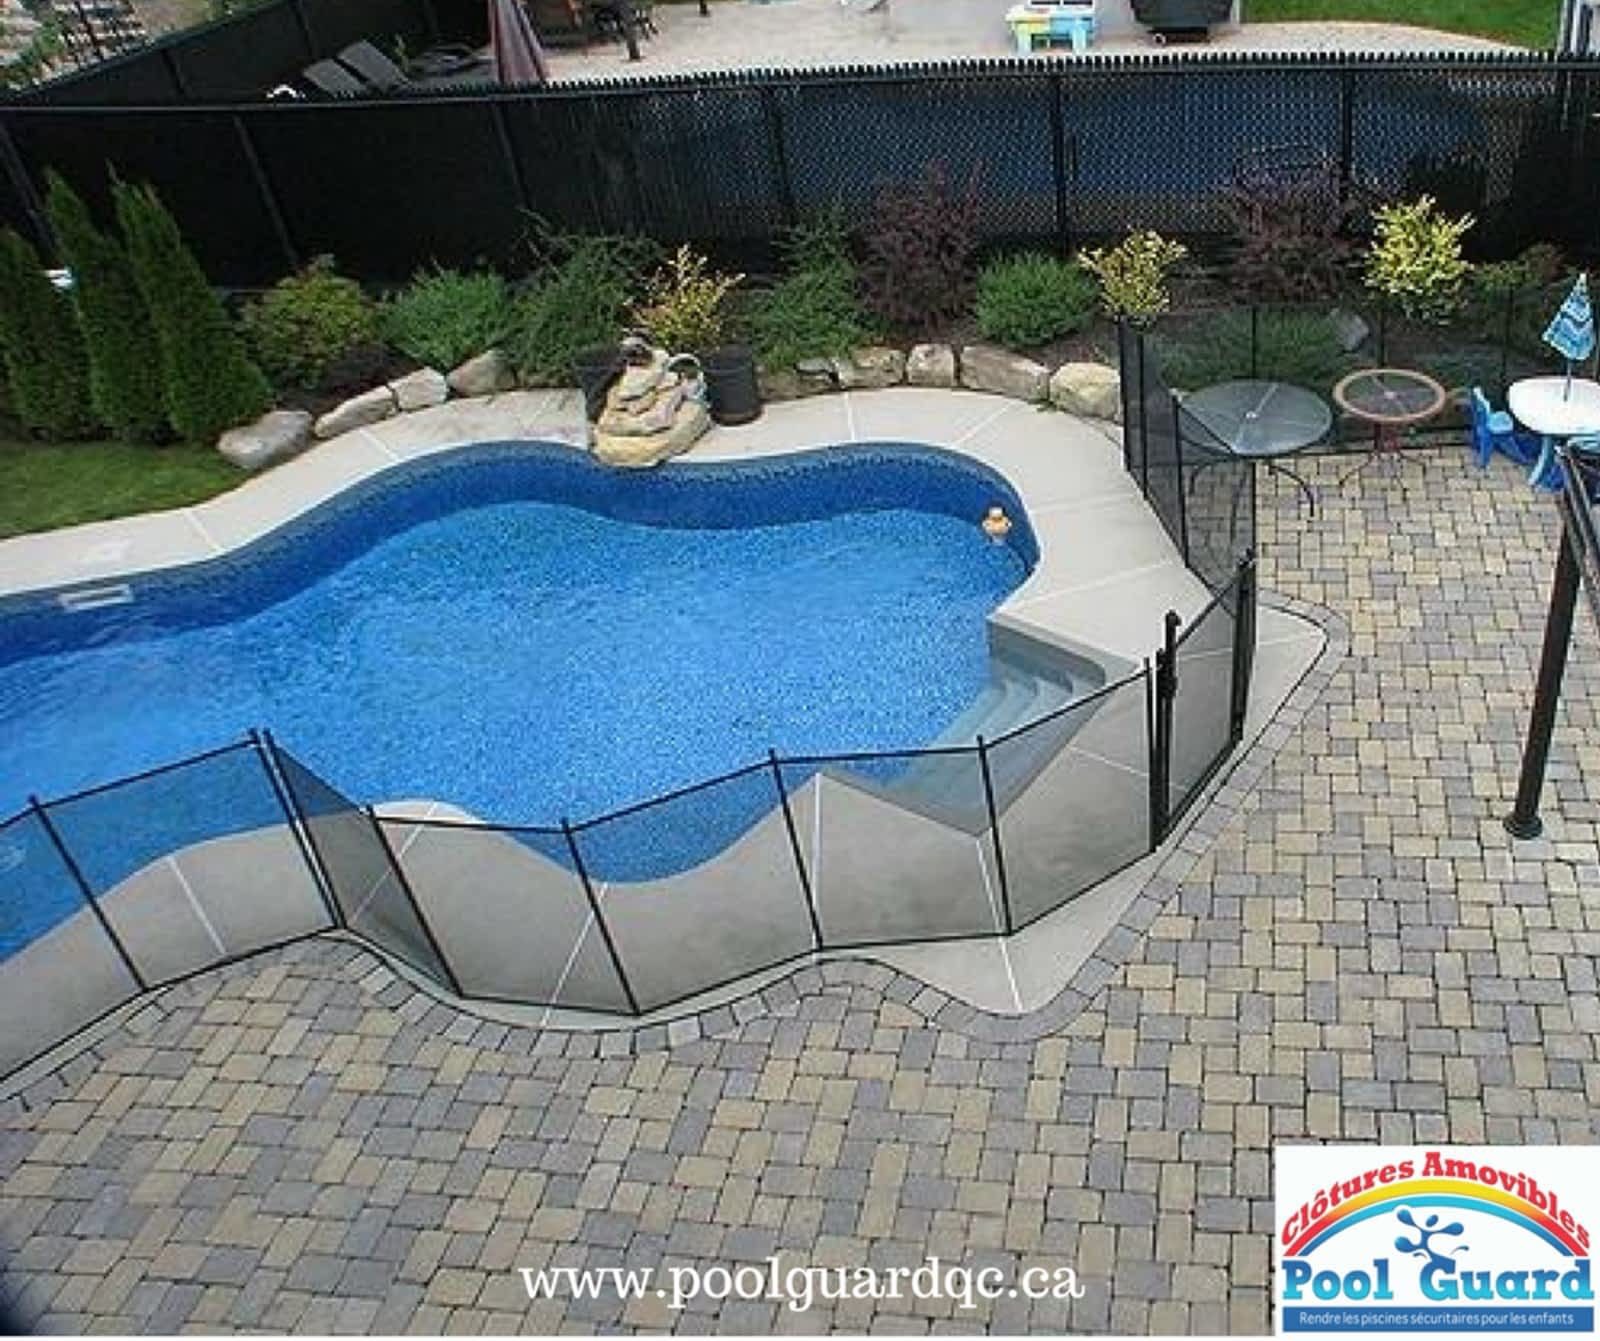 Clôtures Amovibles Pool Guard - Horaire D'ouverture - 690 ... à Barriere Piscine Amovible